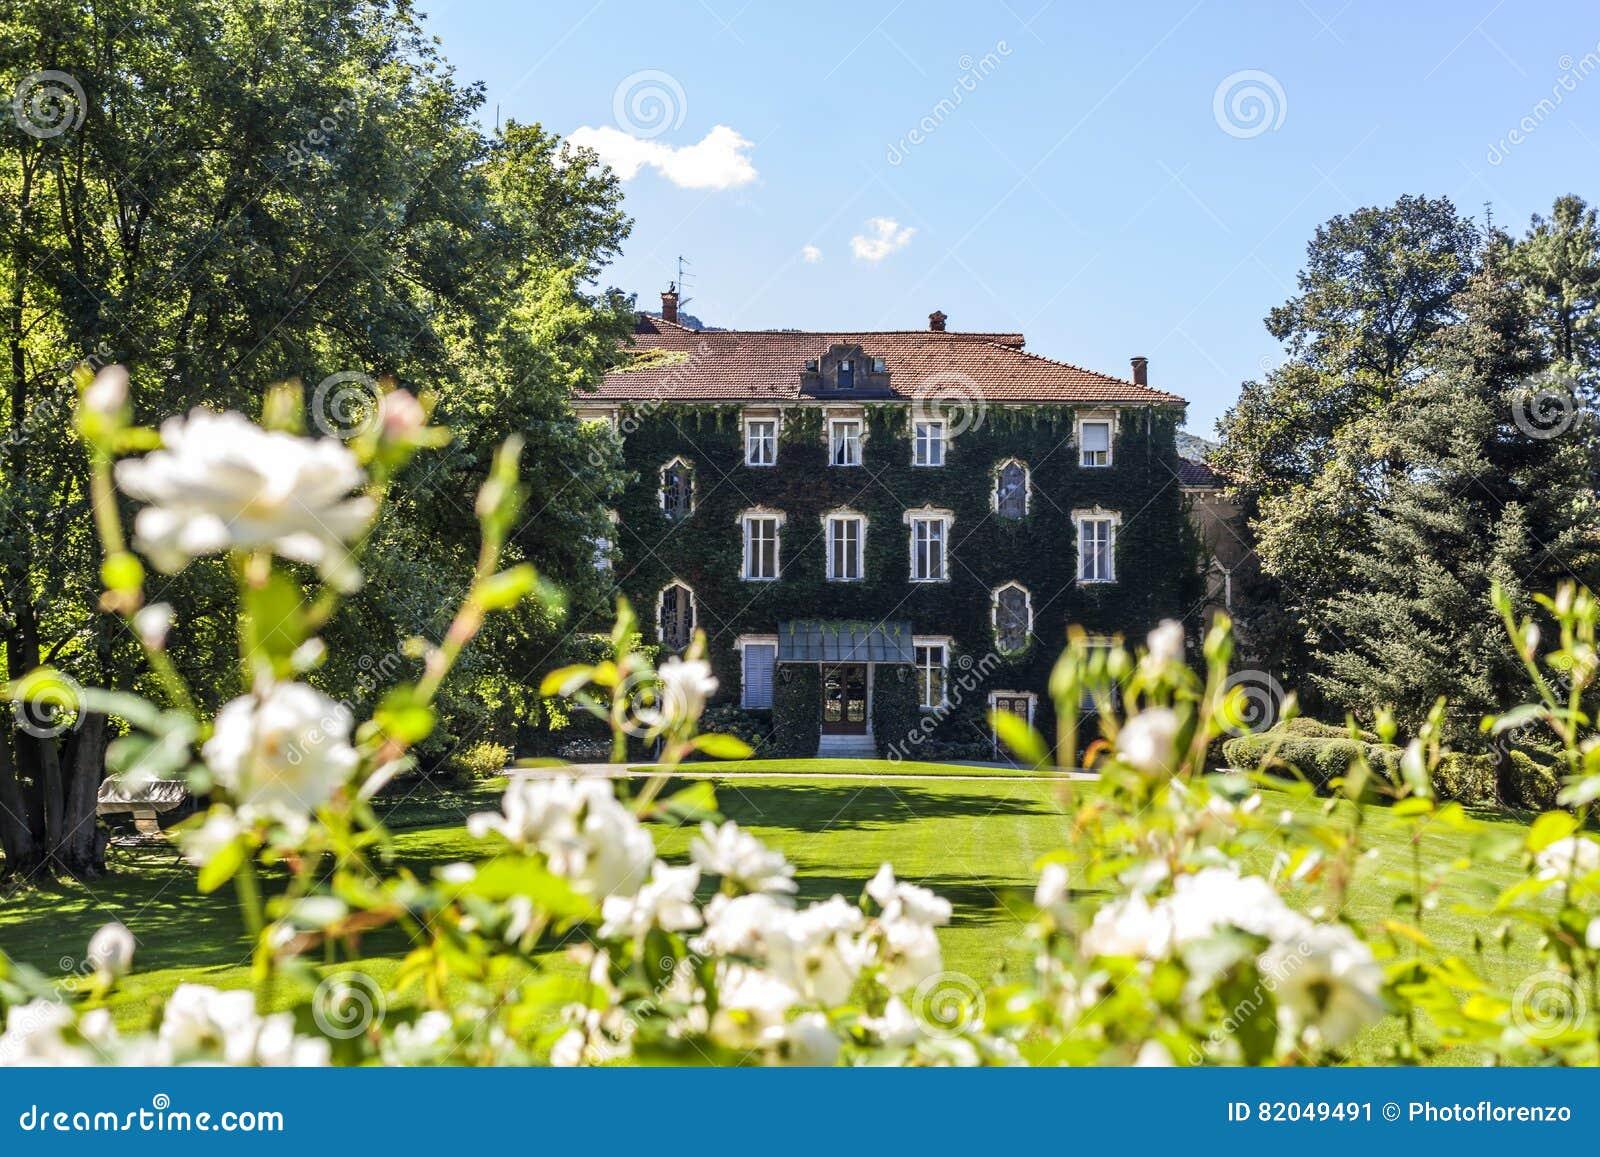 Facciata Casa Di Campagna casa di campagna con la facciata invasa in giardino con i